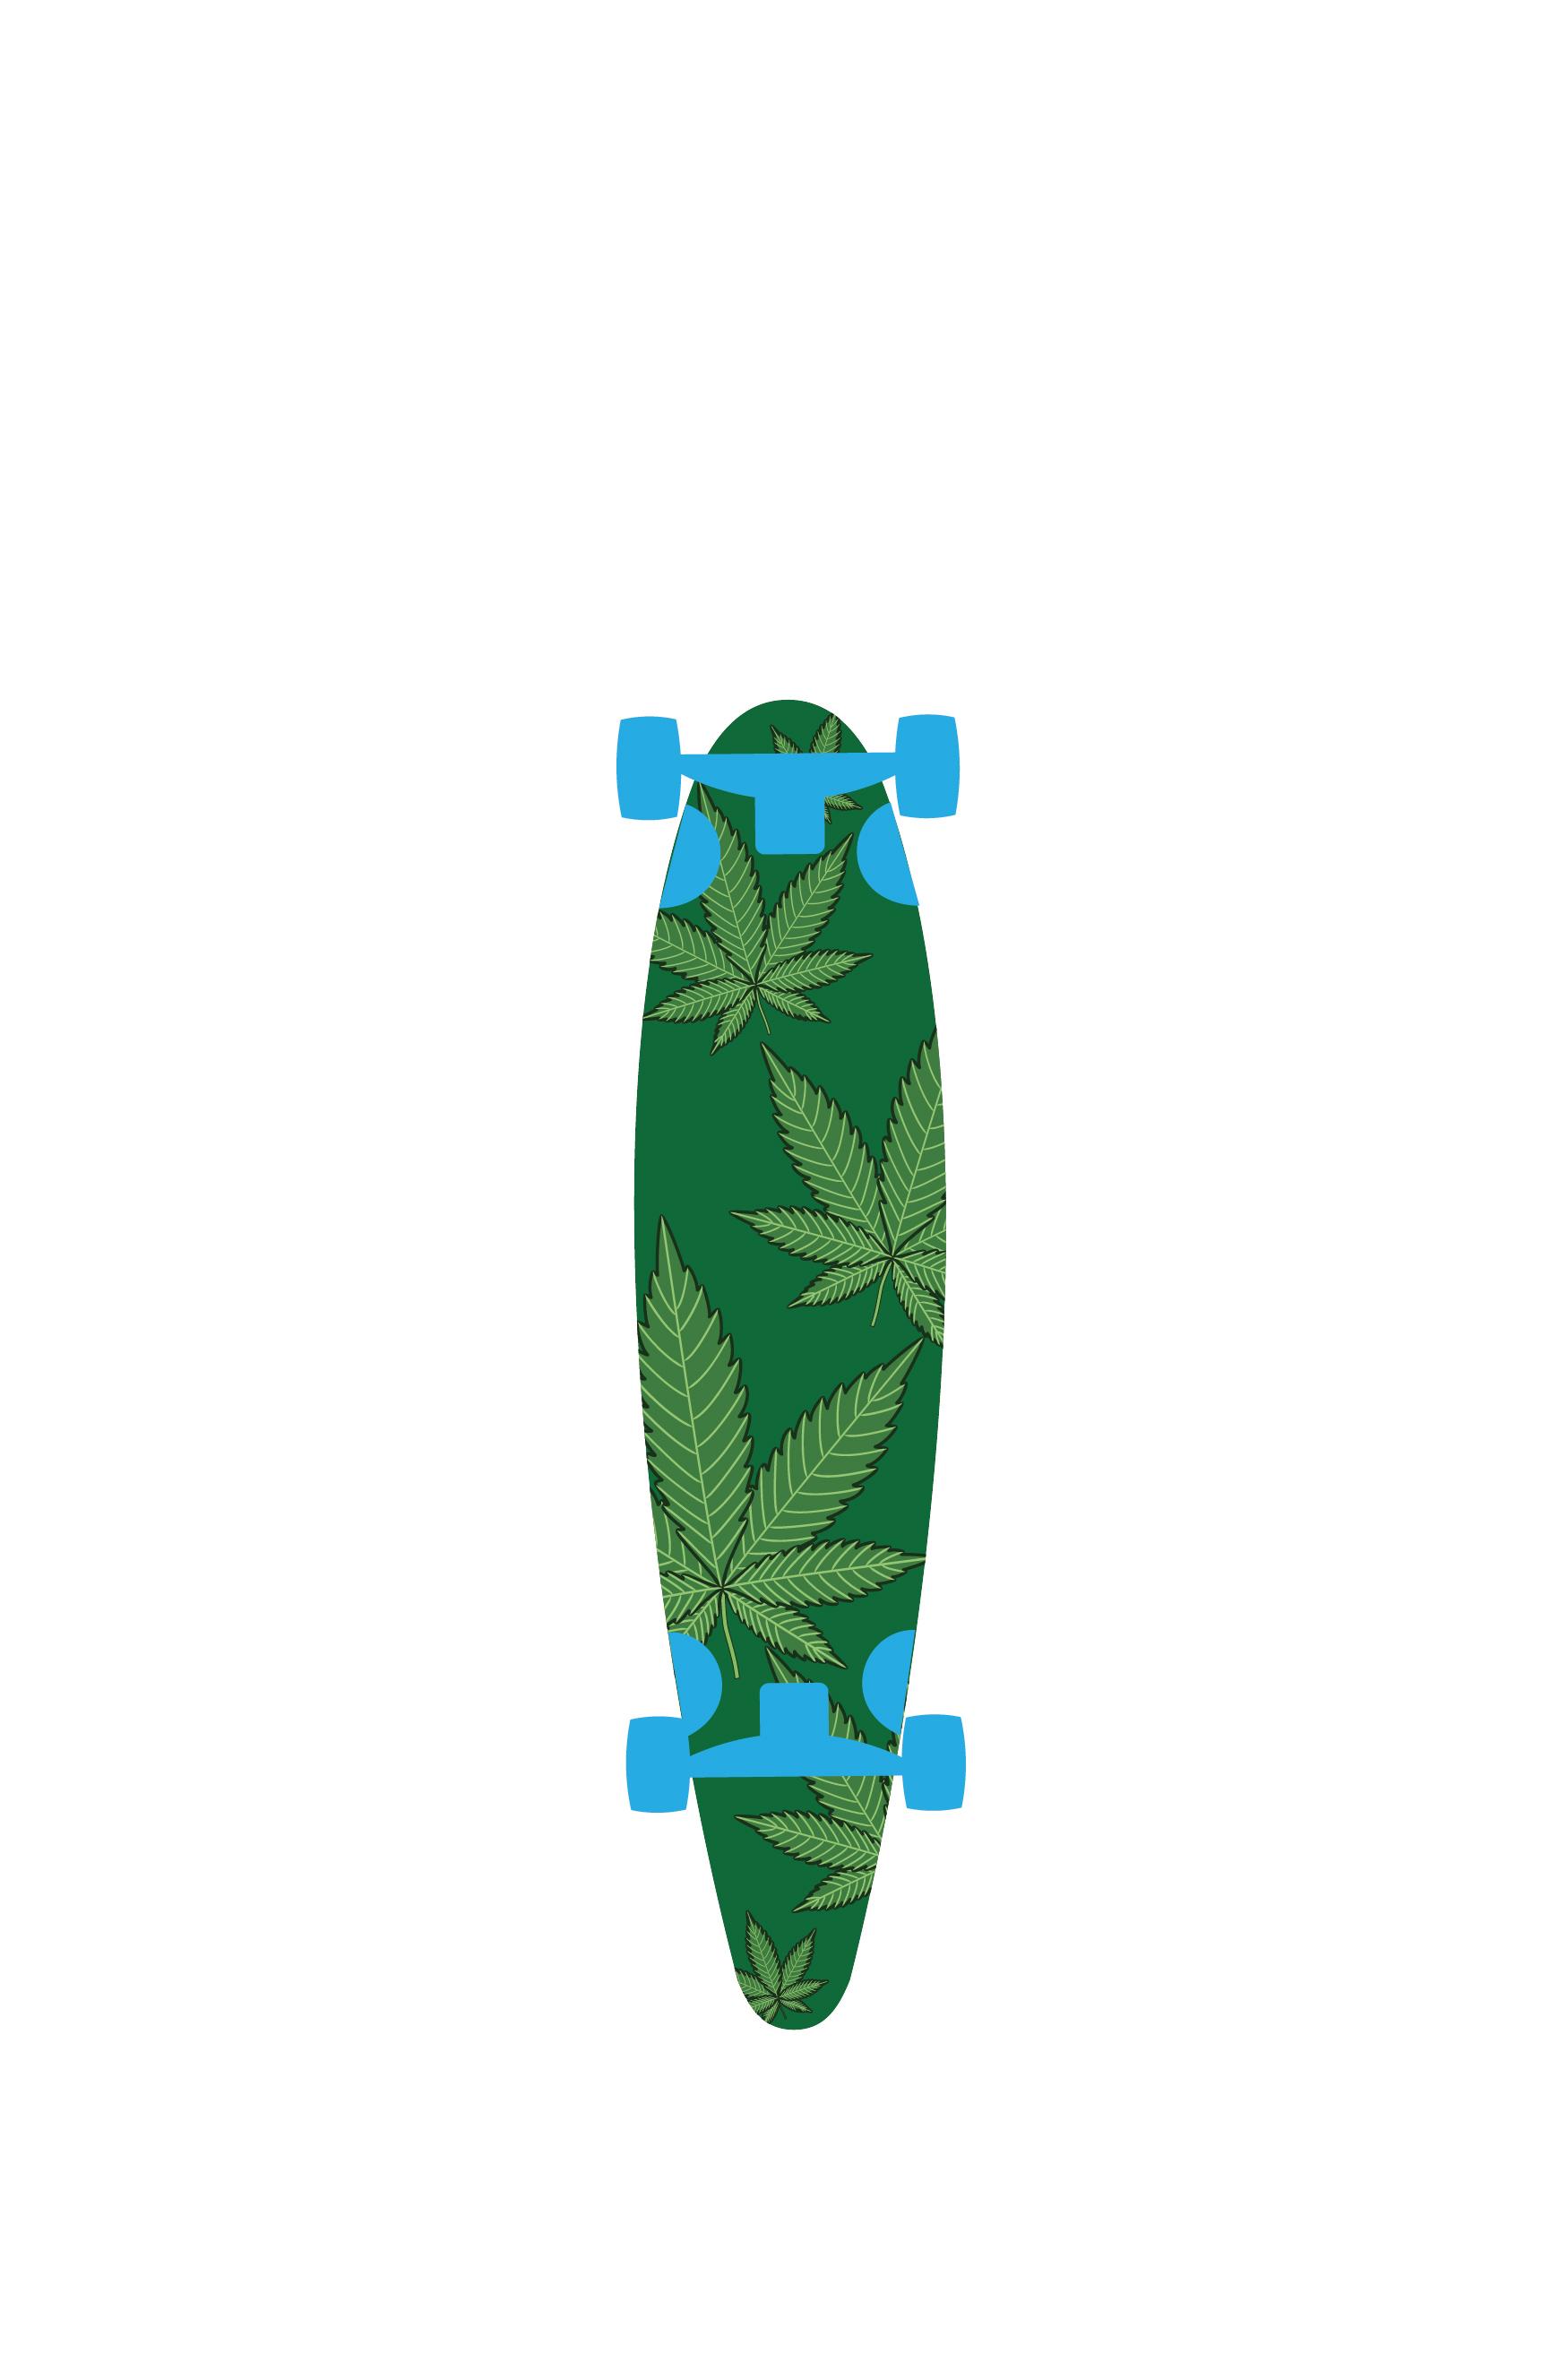 green_pot_longboard.jpg